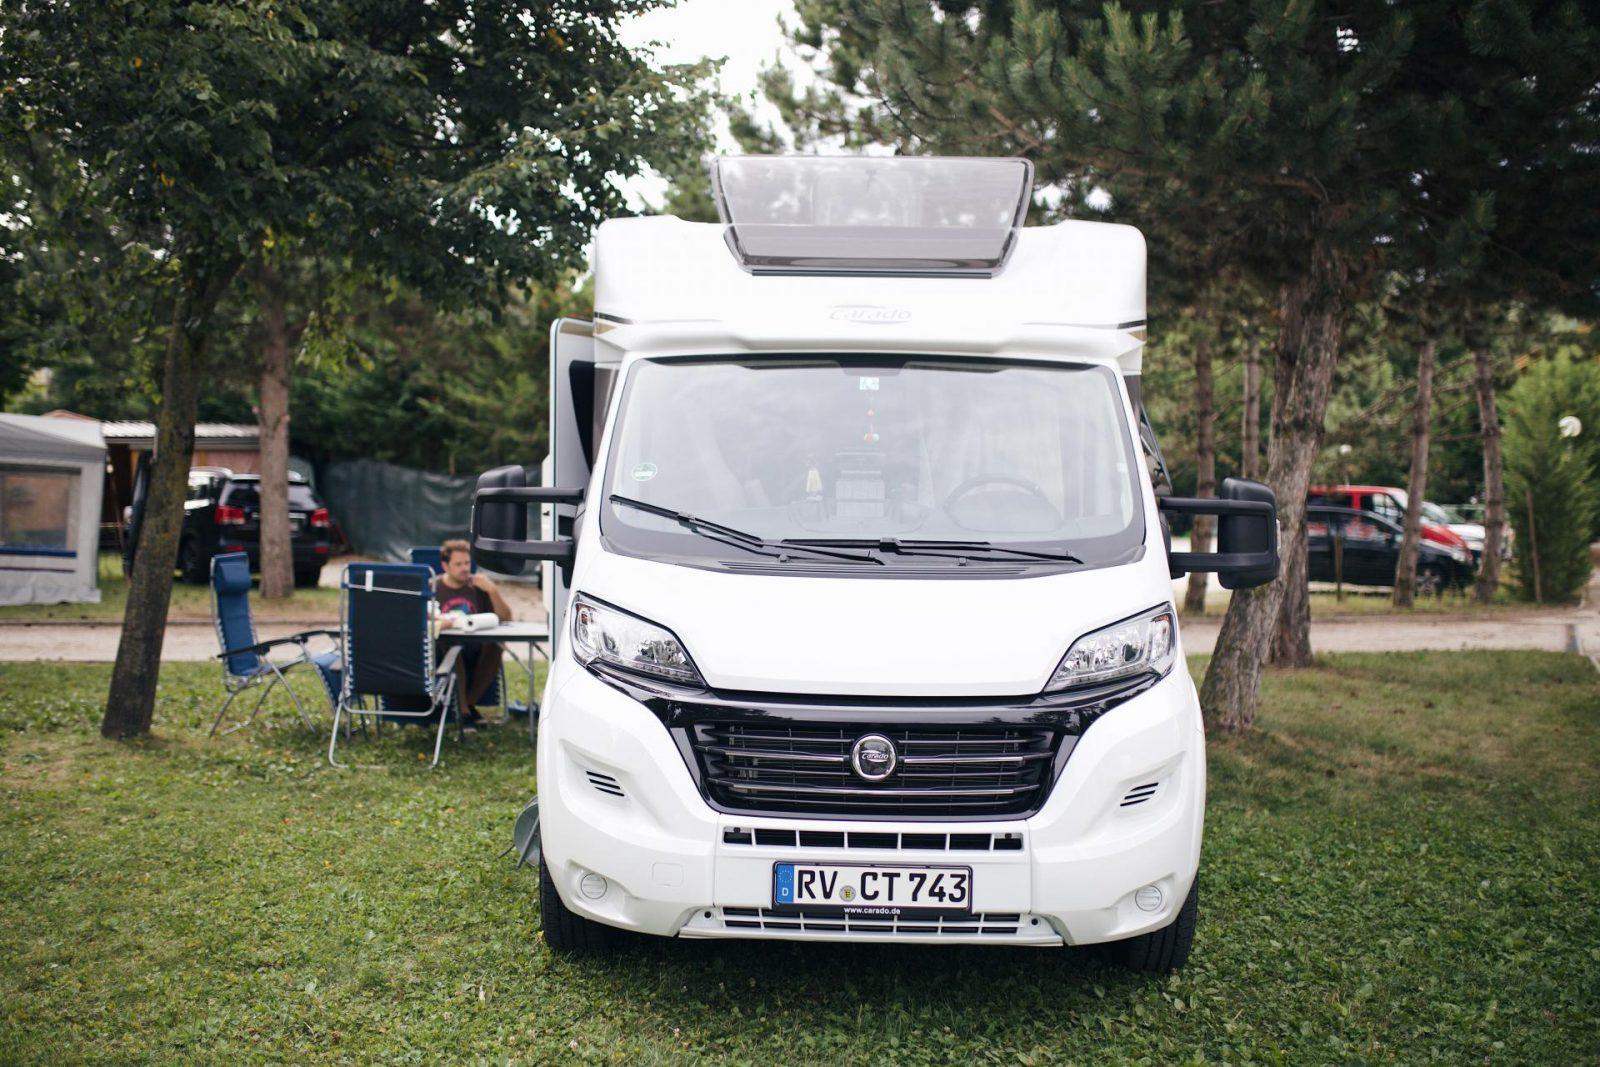 Caravan Roadtrip Pinspiration_Woche1_2B5078BB-0F72-4A33-A446-B0831B96E52F